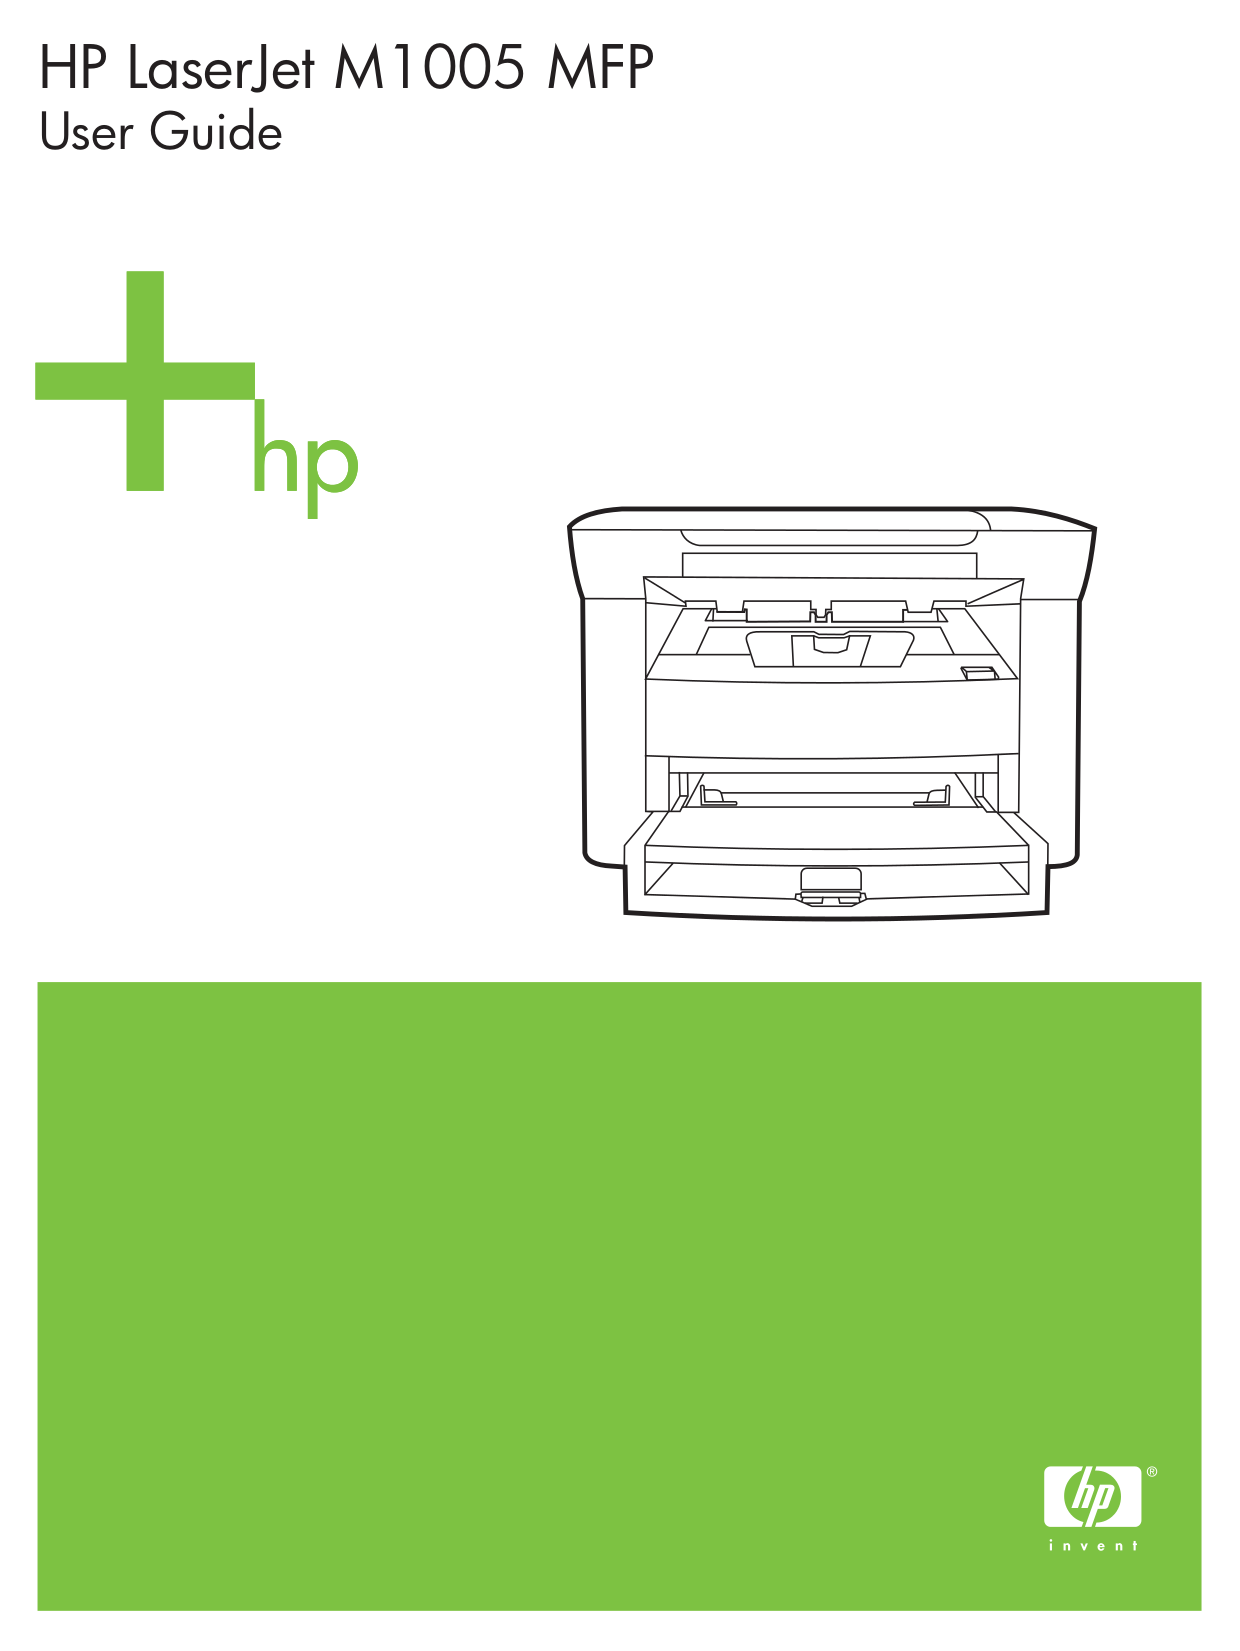 download free pdf for hp laserjet color laserjet m1005 multifunction rh umlib com hp laserjet m1005 mfp user guide manual impressora hp laserjet m1005 mfp